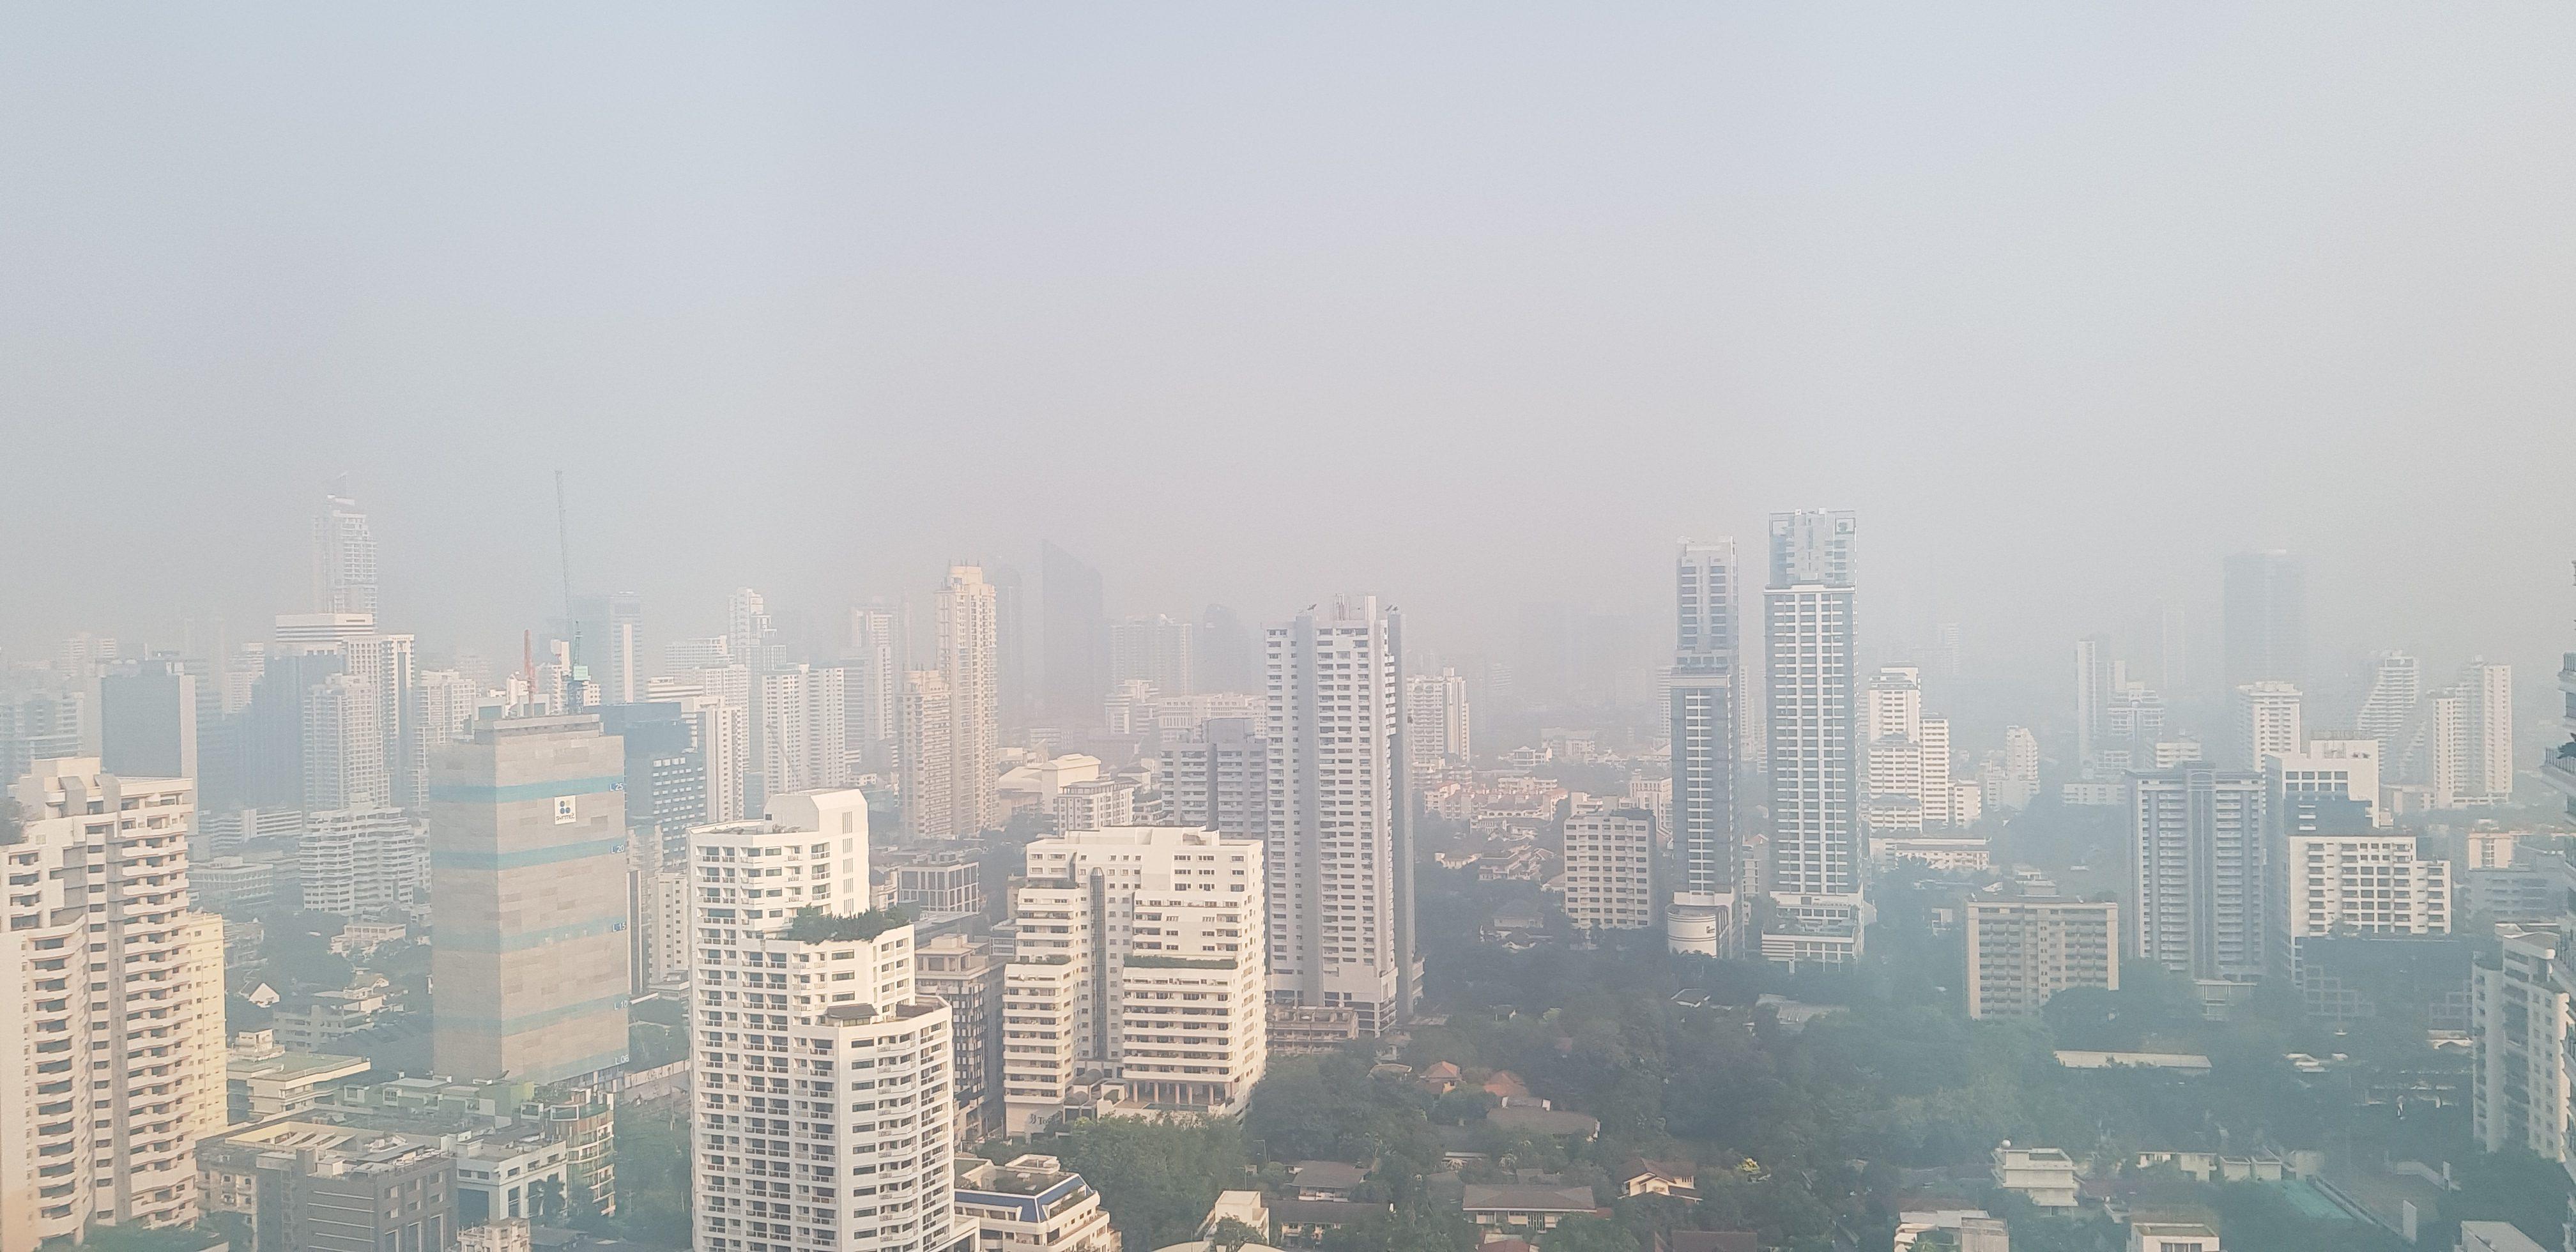 การแก้ไขปัญหา PM 2.5 อย่างยั่งยืน : เมื่อการสร้างความตระหนักไม่เพียงพอ